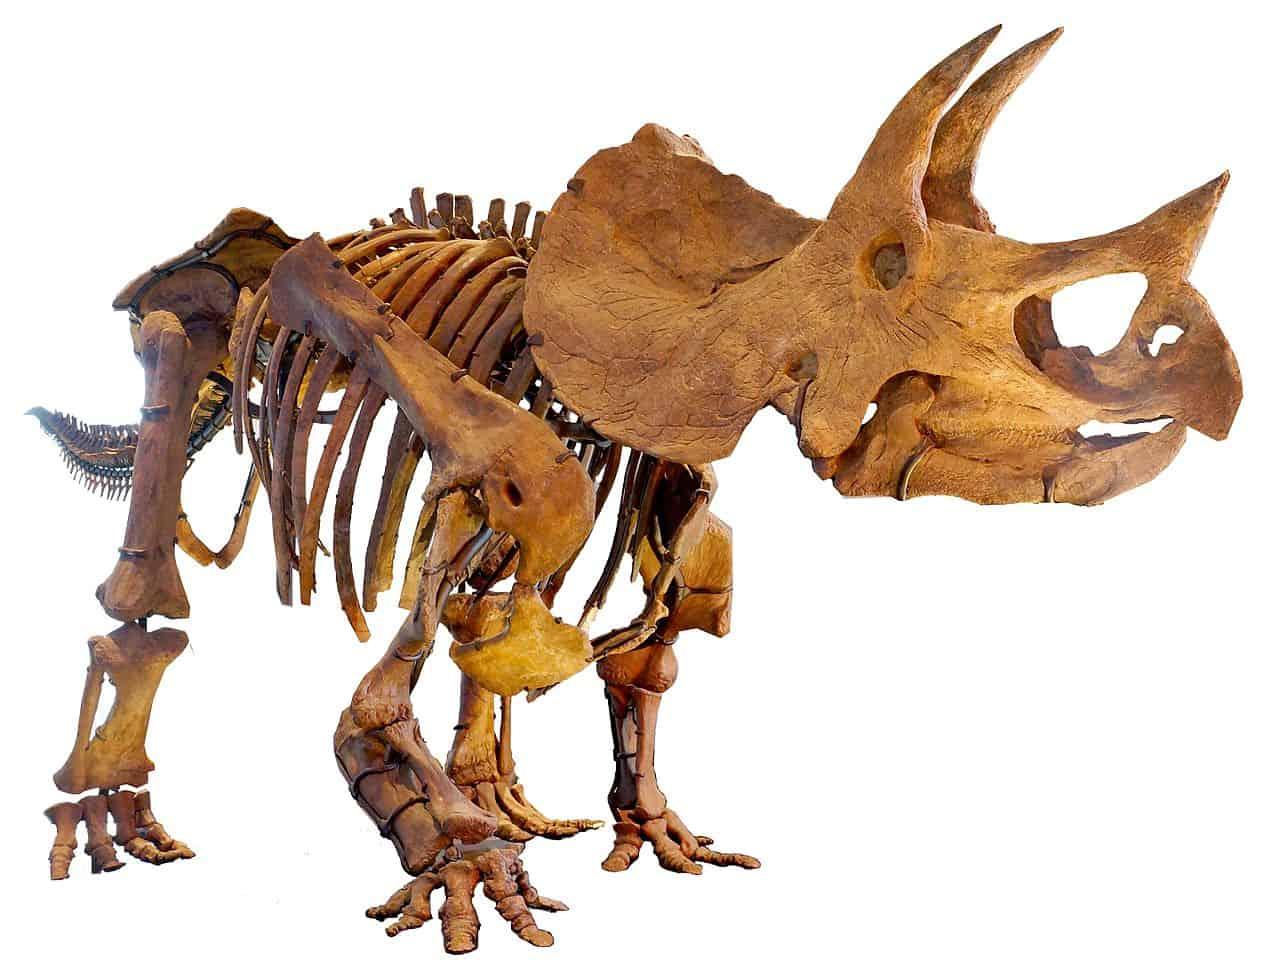 Schelet de Triceratops